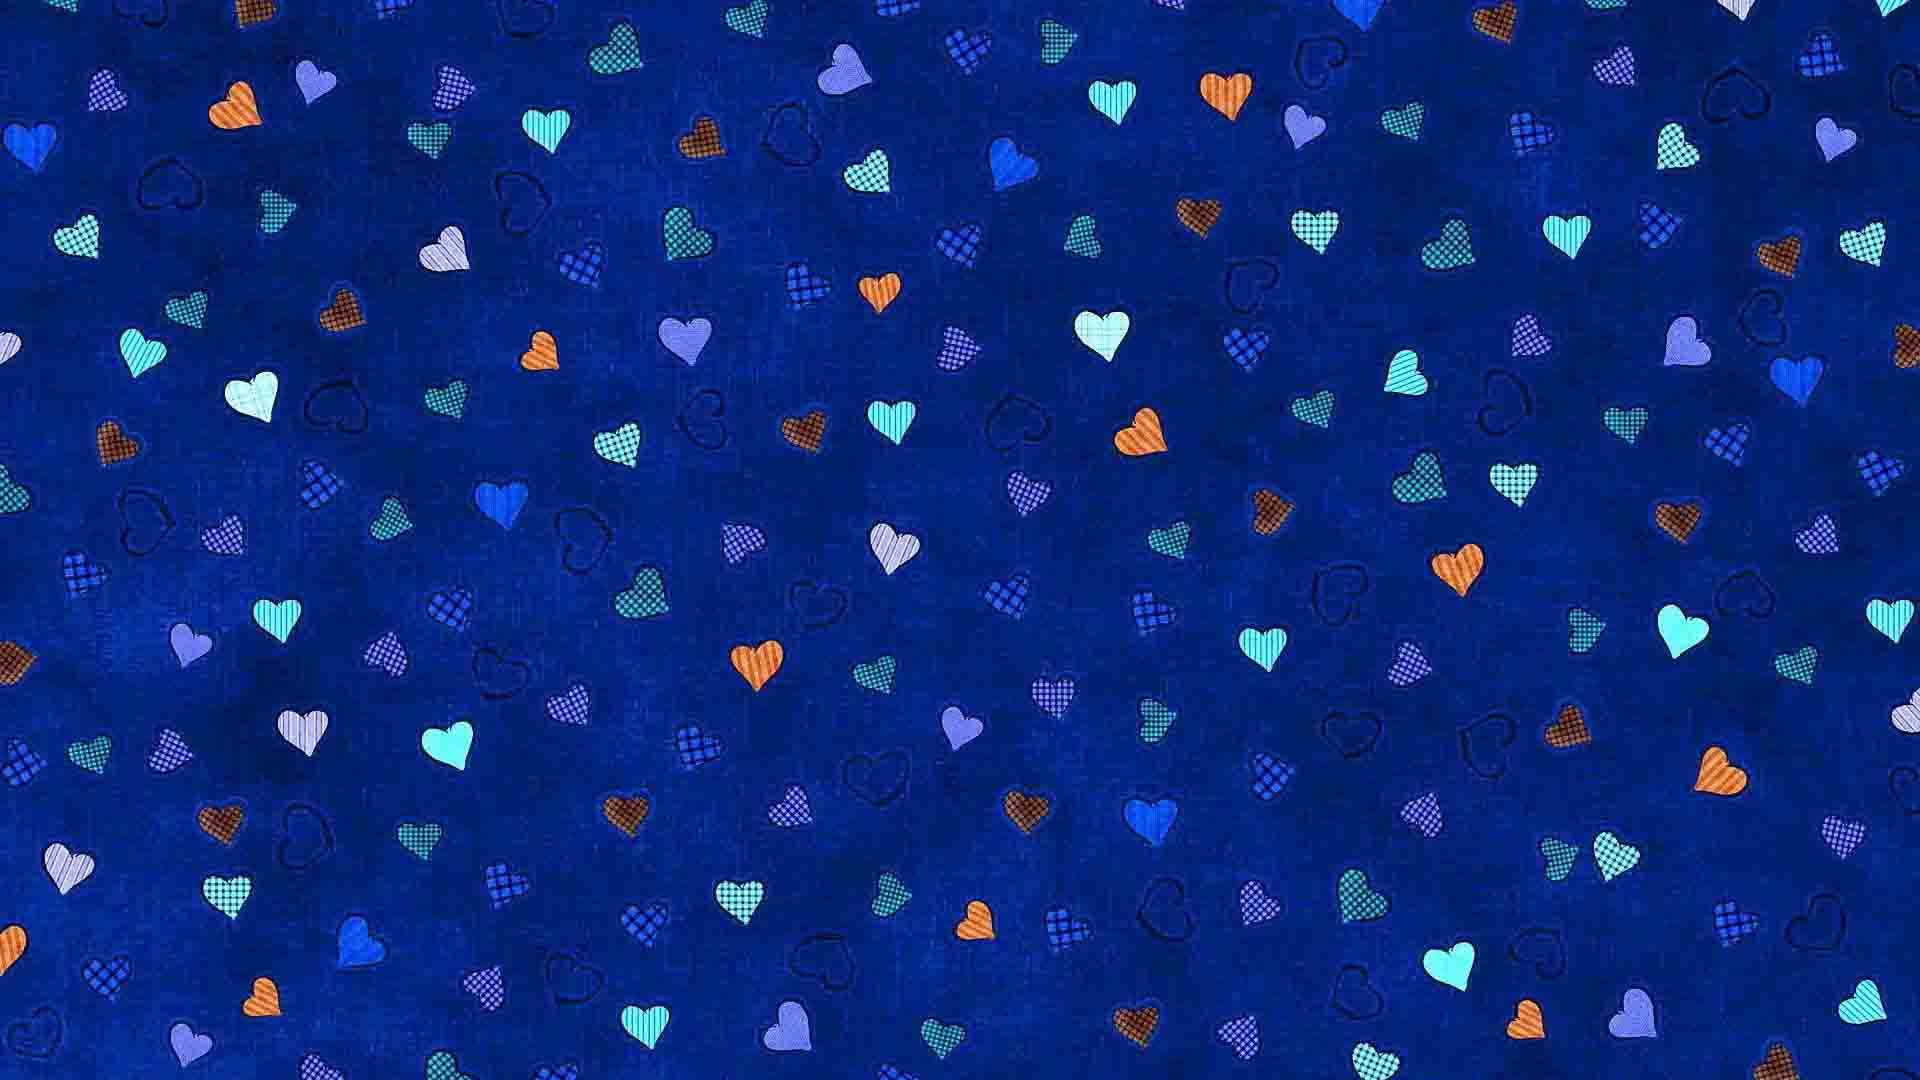 Hình ảnh chăn trái tim xanh